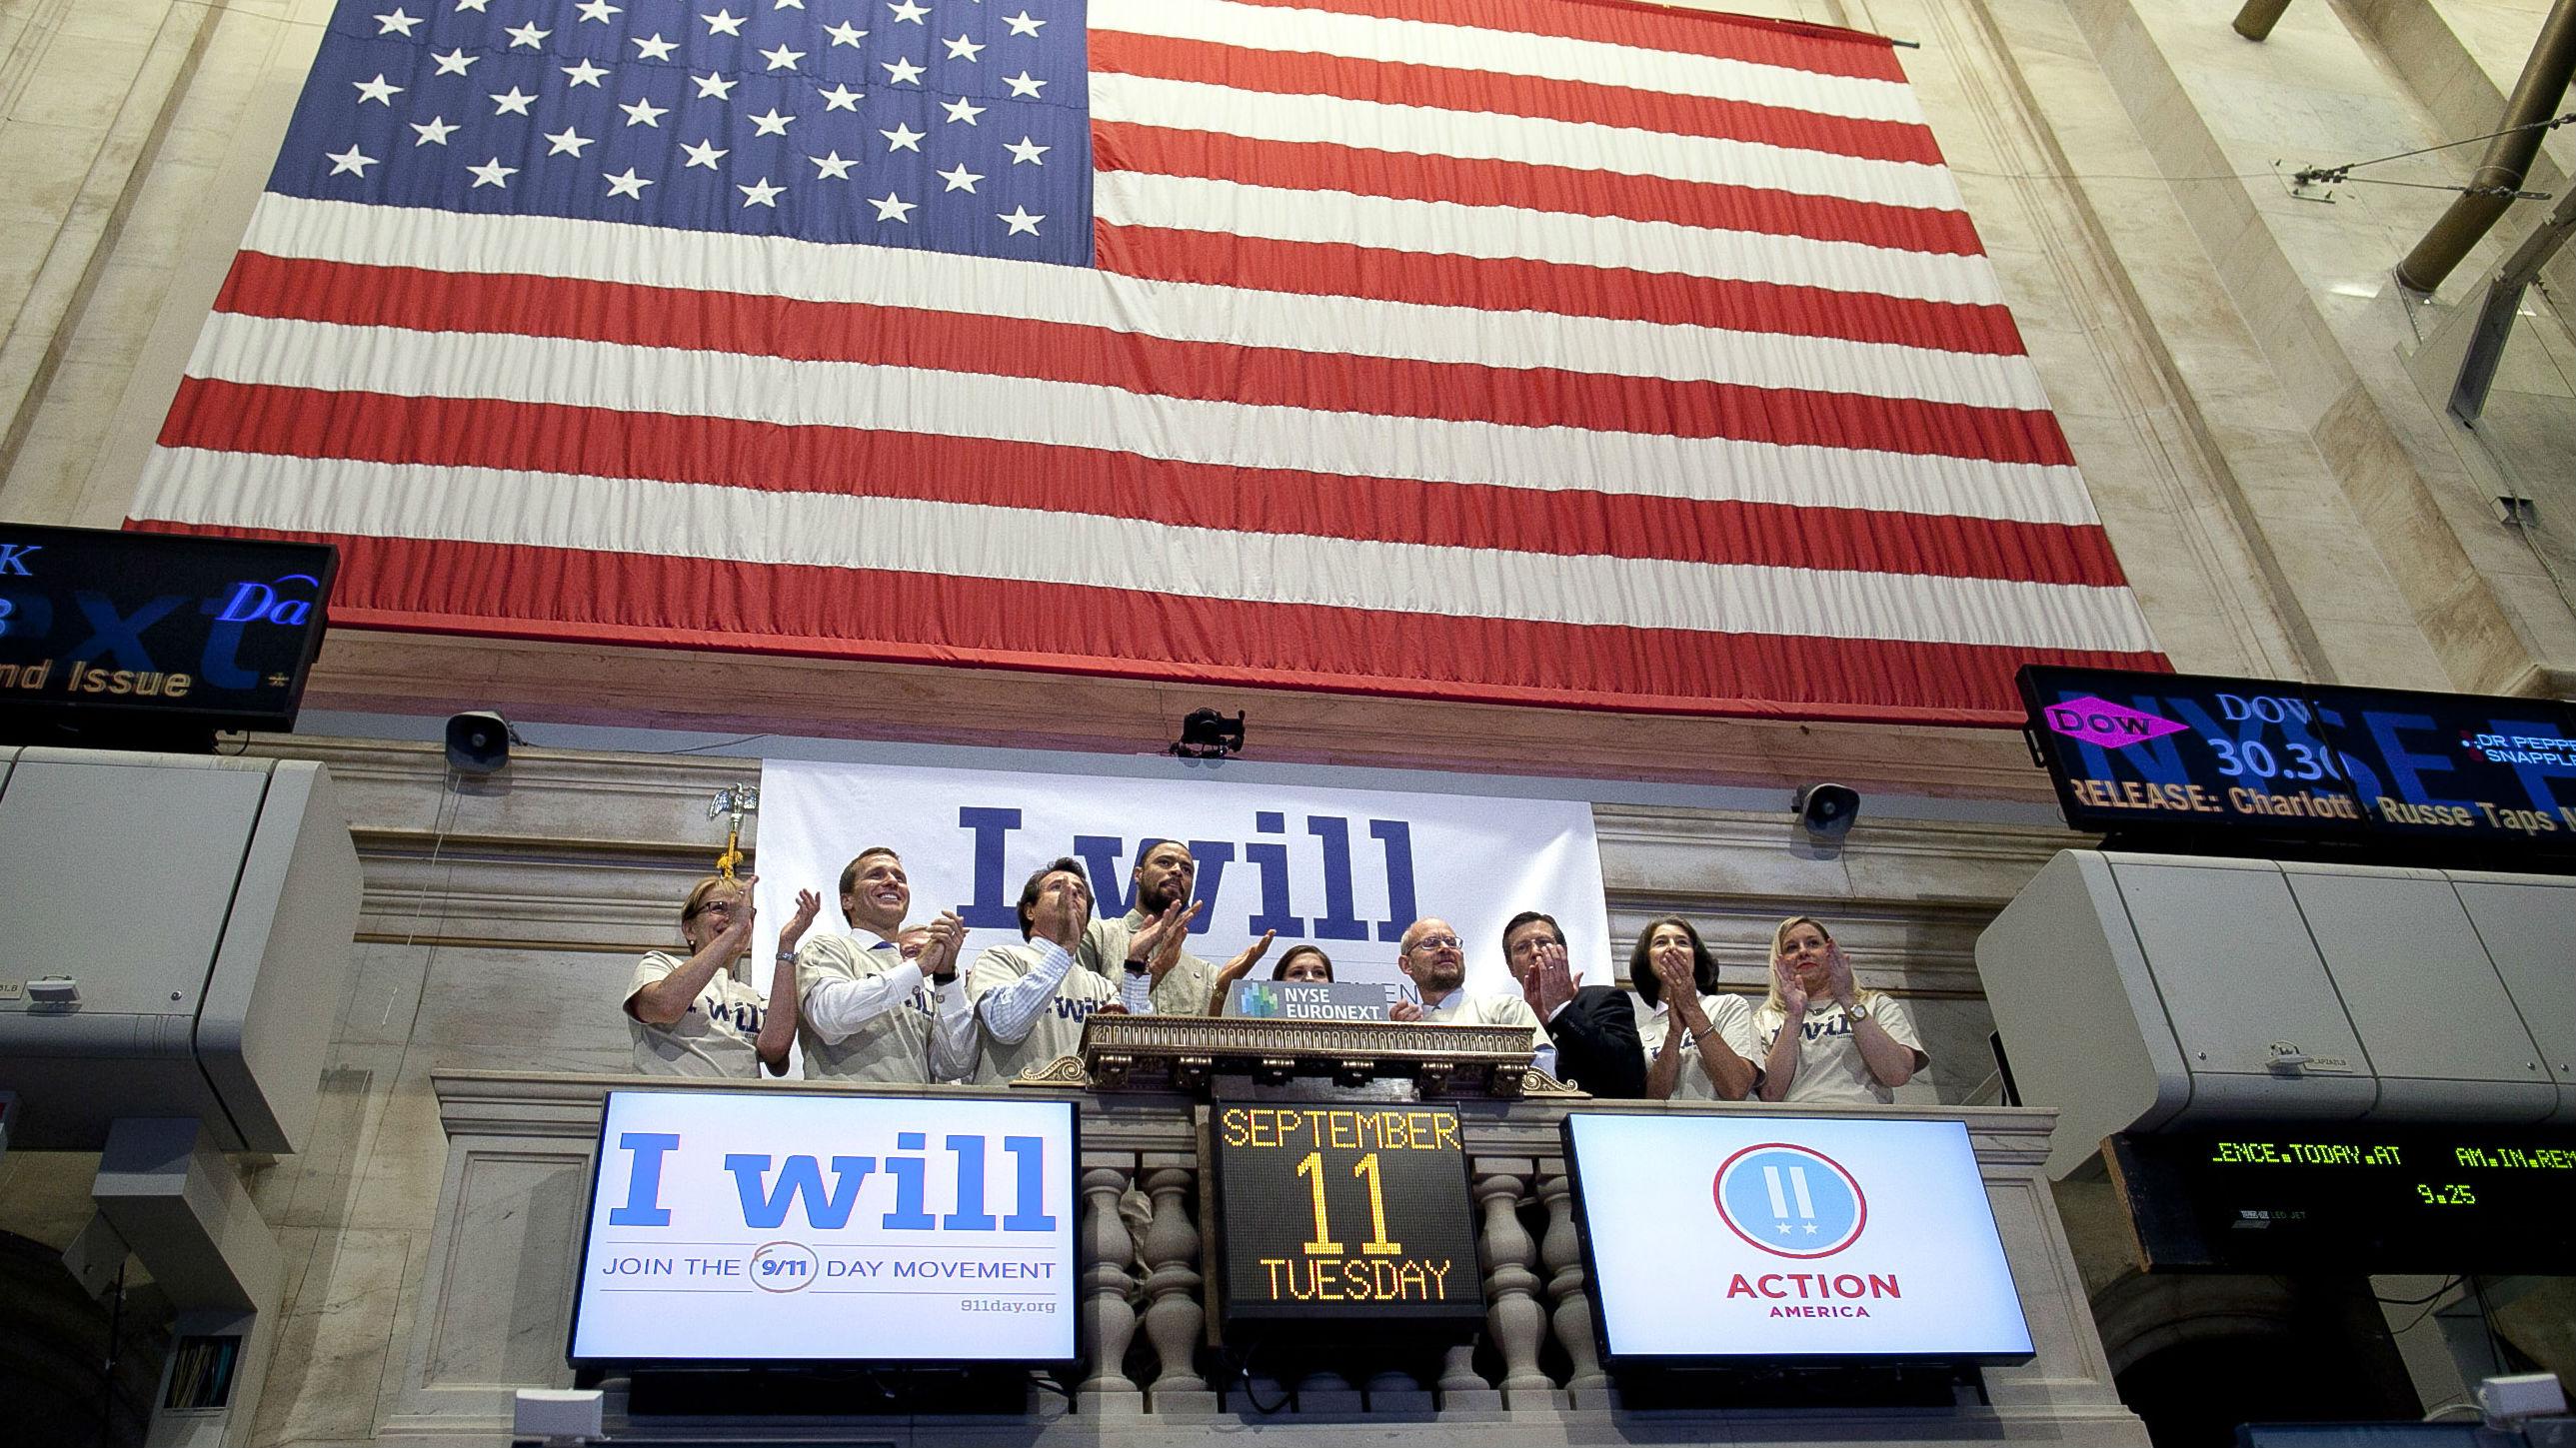 New York Stock Exchange on September 11th